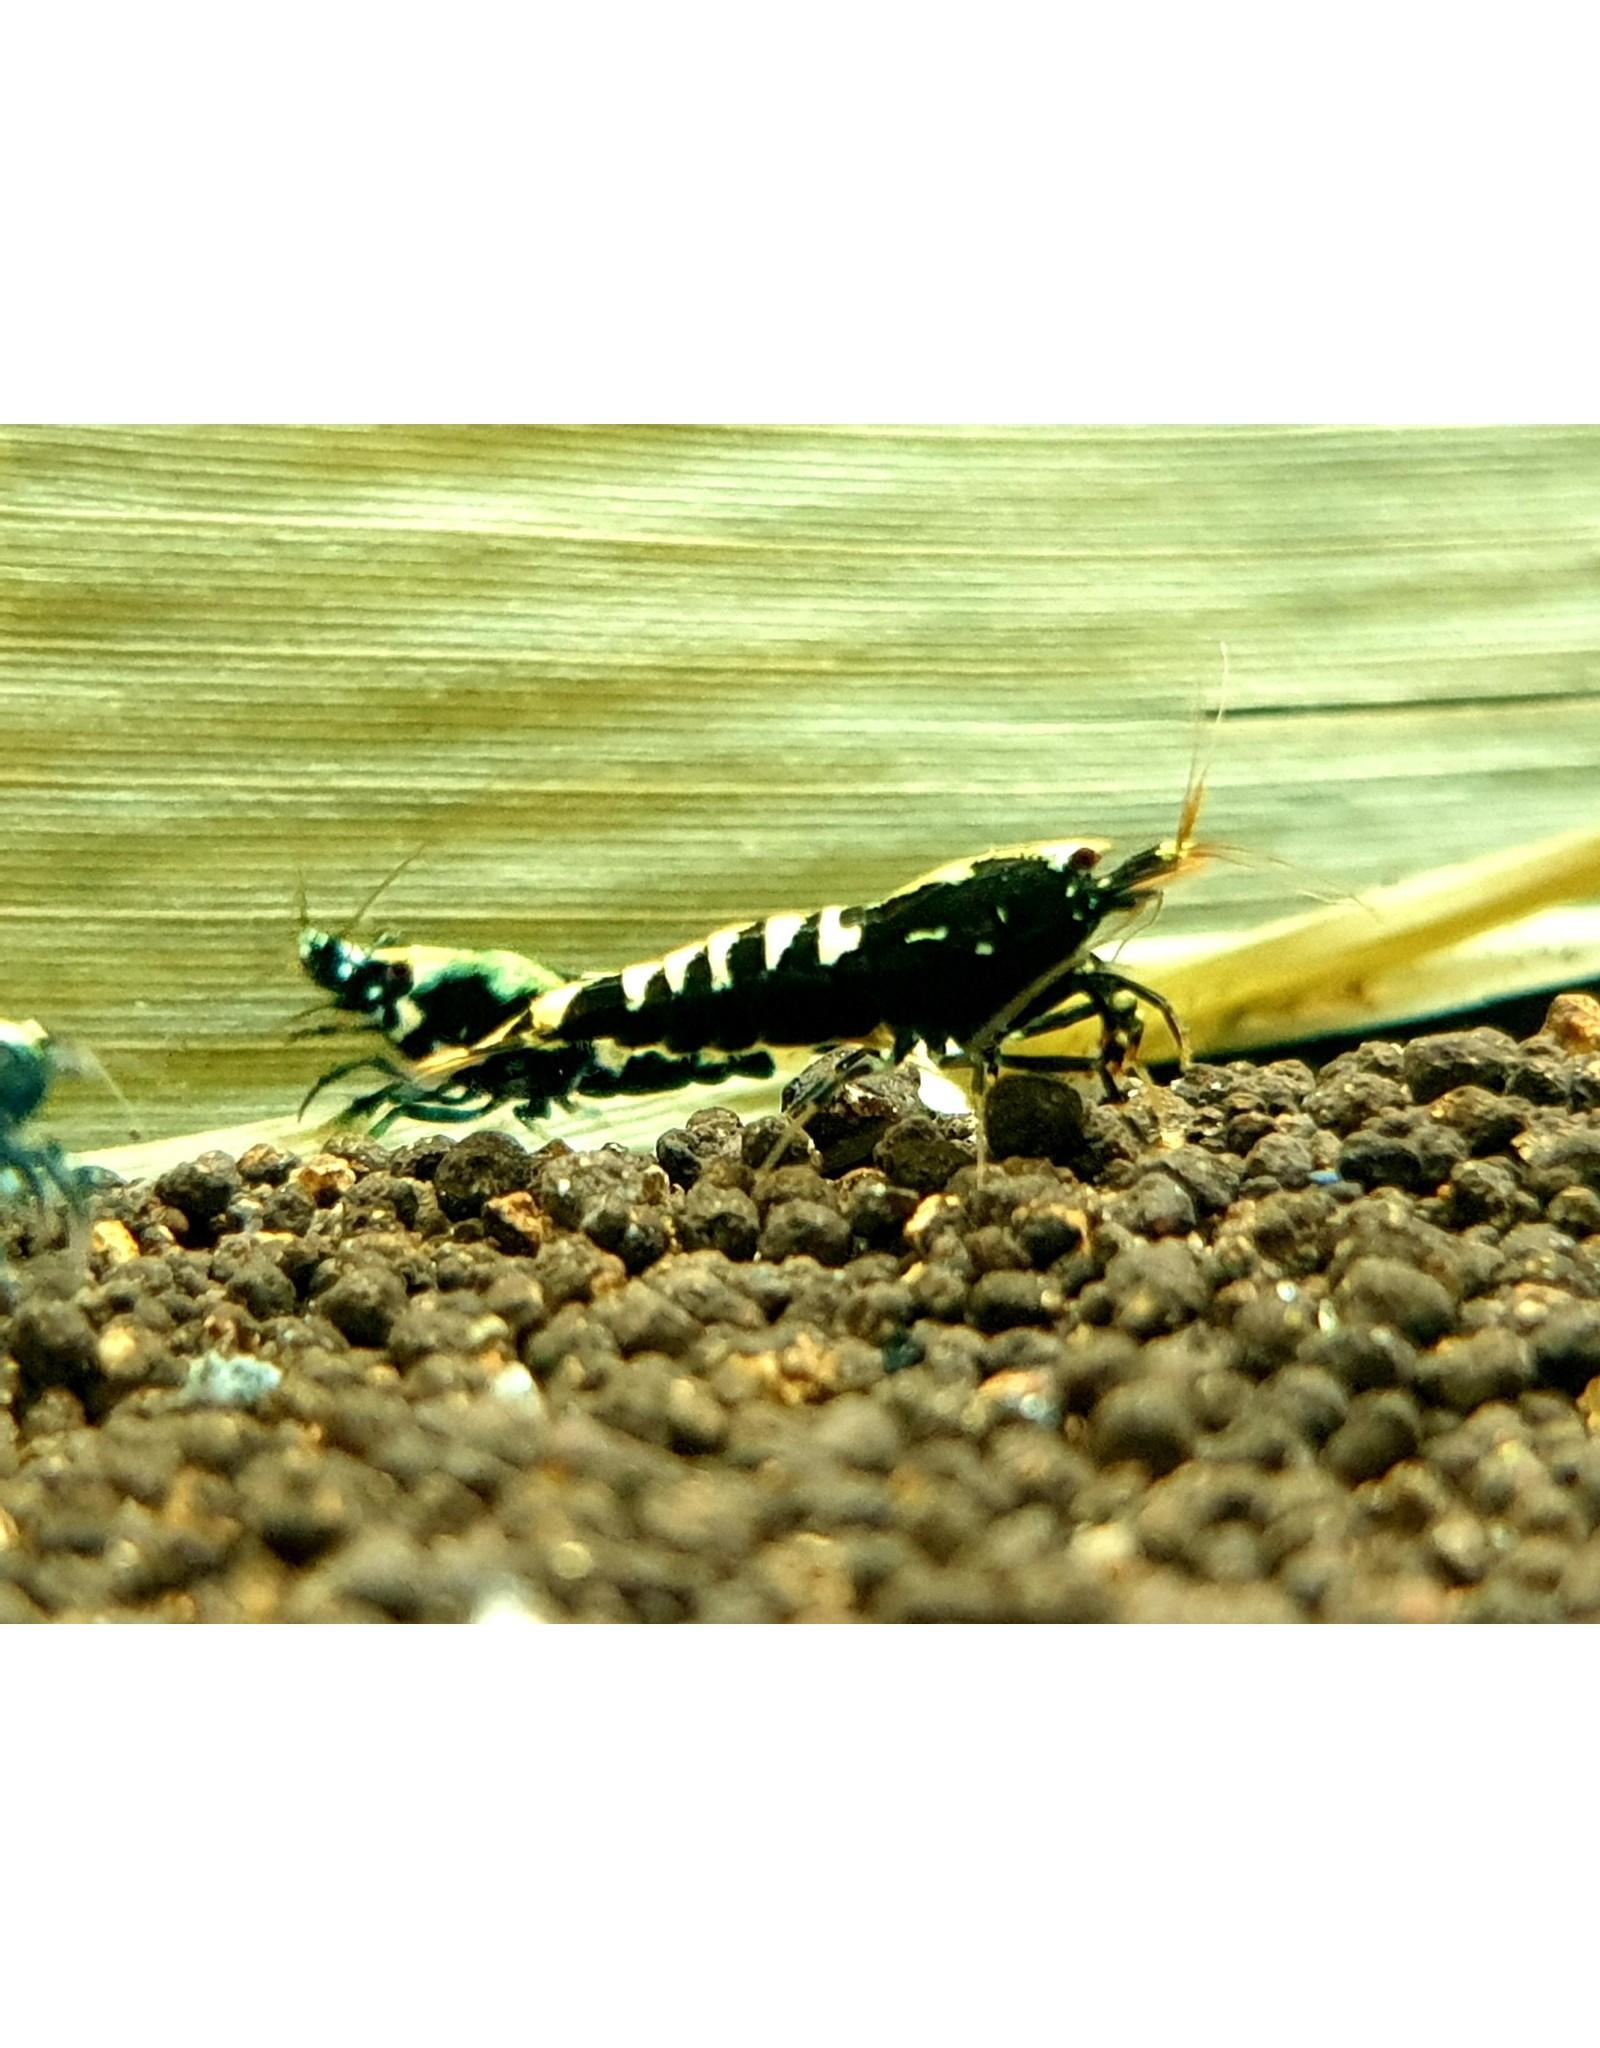 Bubba's Shrimps Caridina - Pinto Galaxy Fishbone